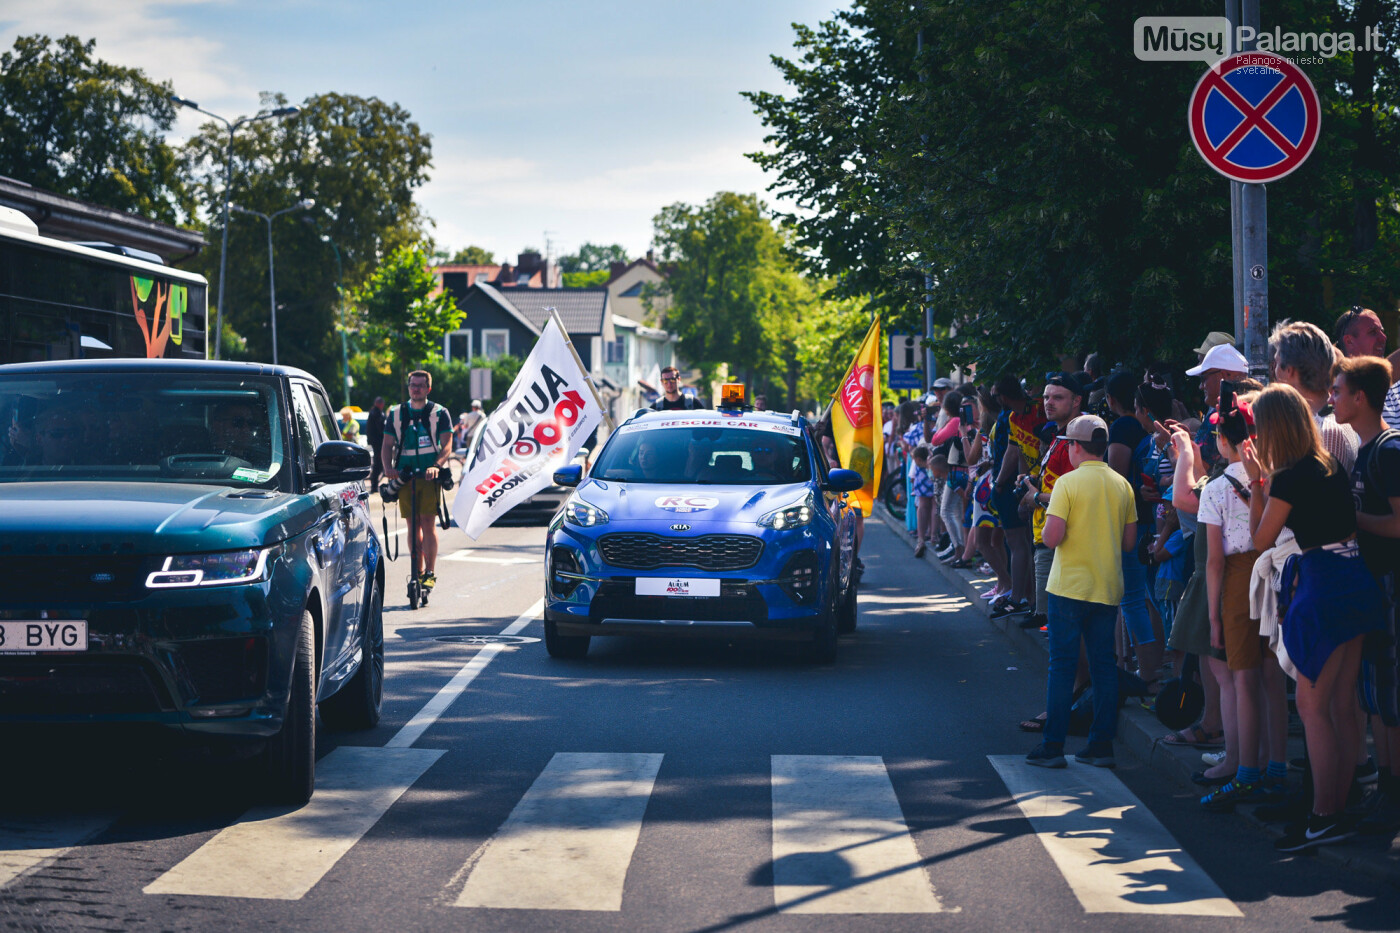 """Palanga alsuoja """"Aurum 1006 km lenktynių"""" ritmu, nuotrauka-32, Vytauto PILKAUSKO ir Arno STRUMILOS nuotr."""